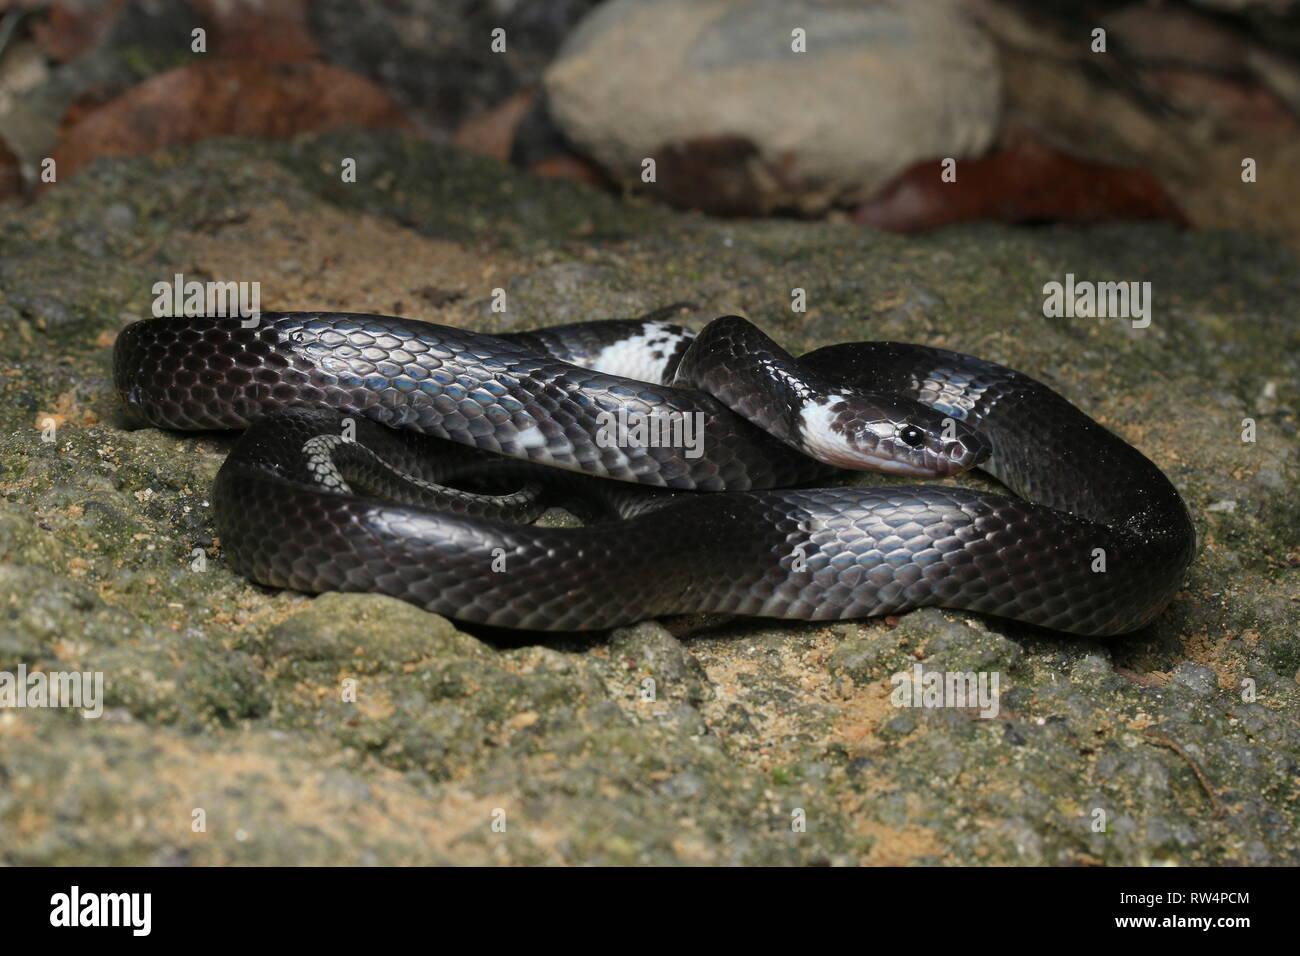 La serpiente, Lobo anillados Lycodon subcinctus Imagen De Stock